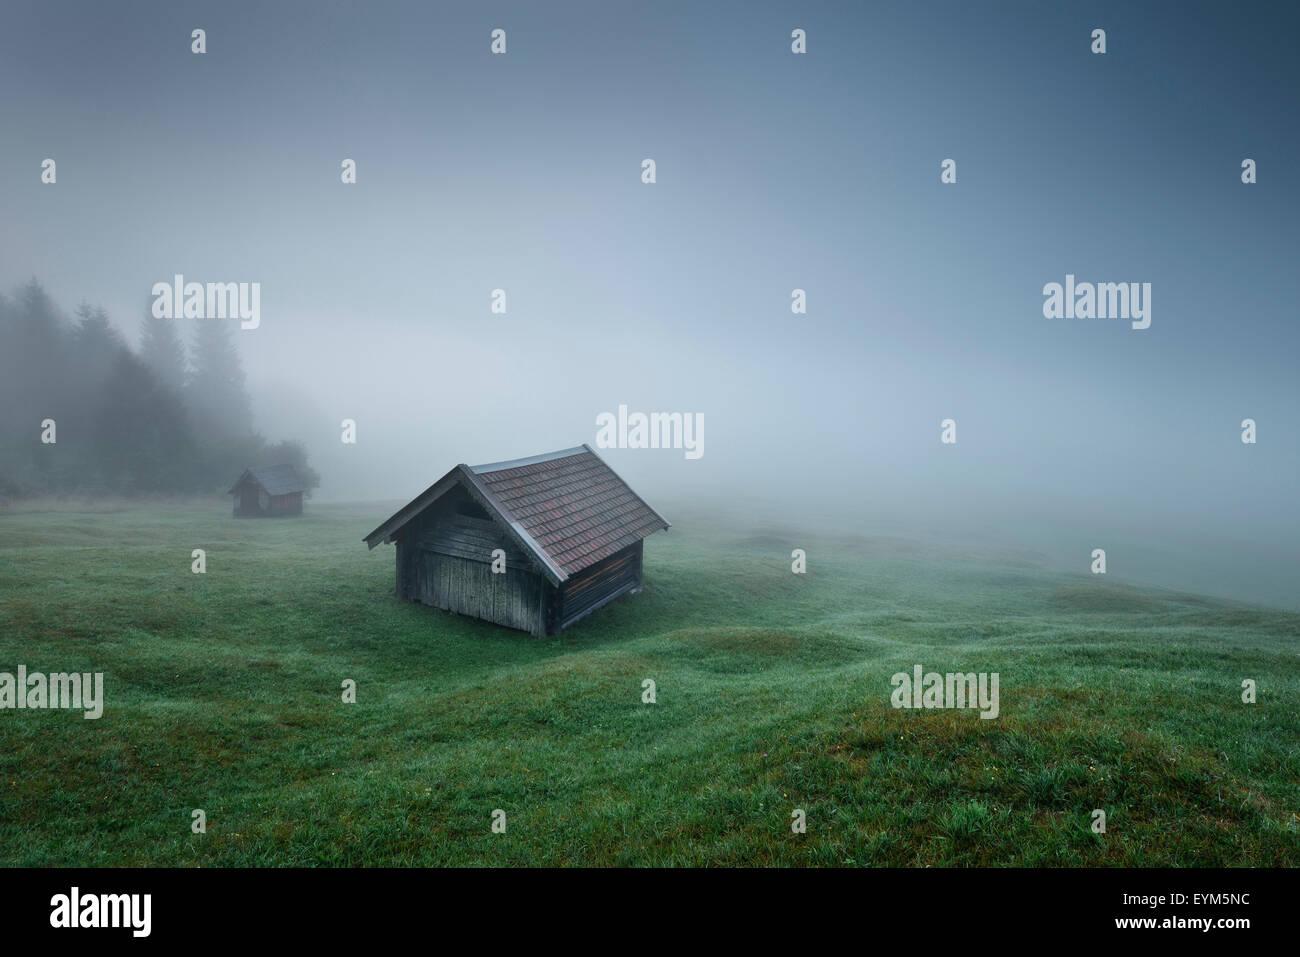 Cabaña, thriller, los Alpes, las montañas, el país natal, niebla, madera, pradera, gloomily, oscuramente, Imagen De Stock